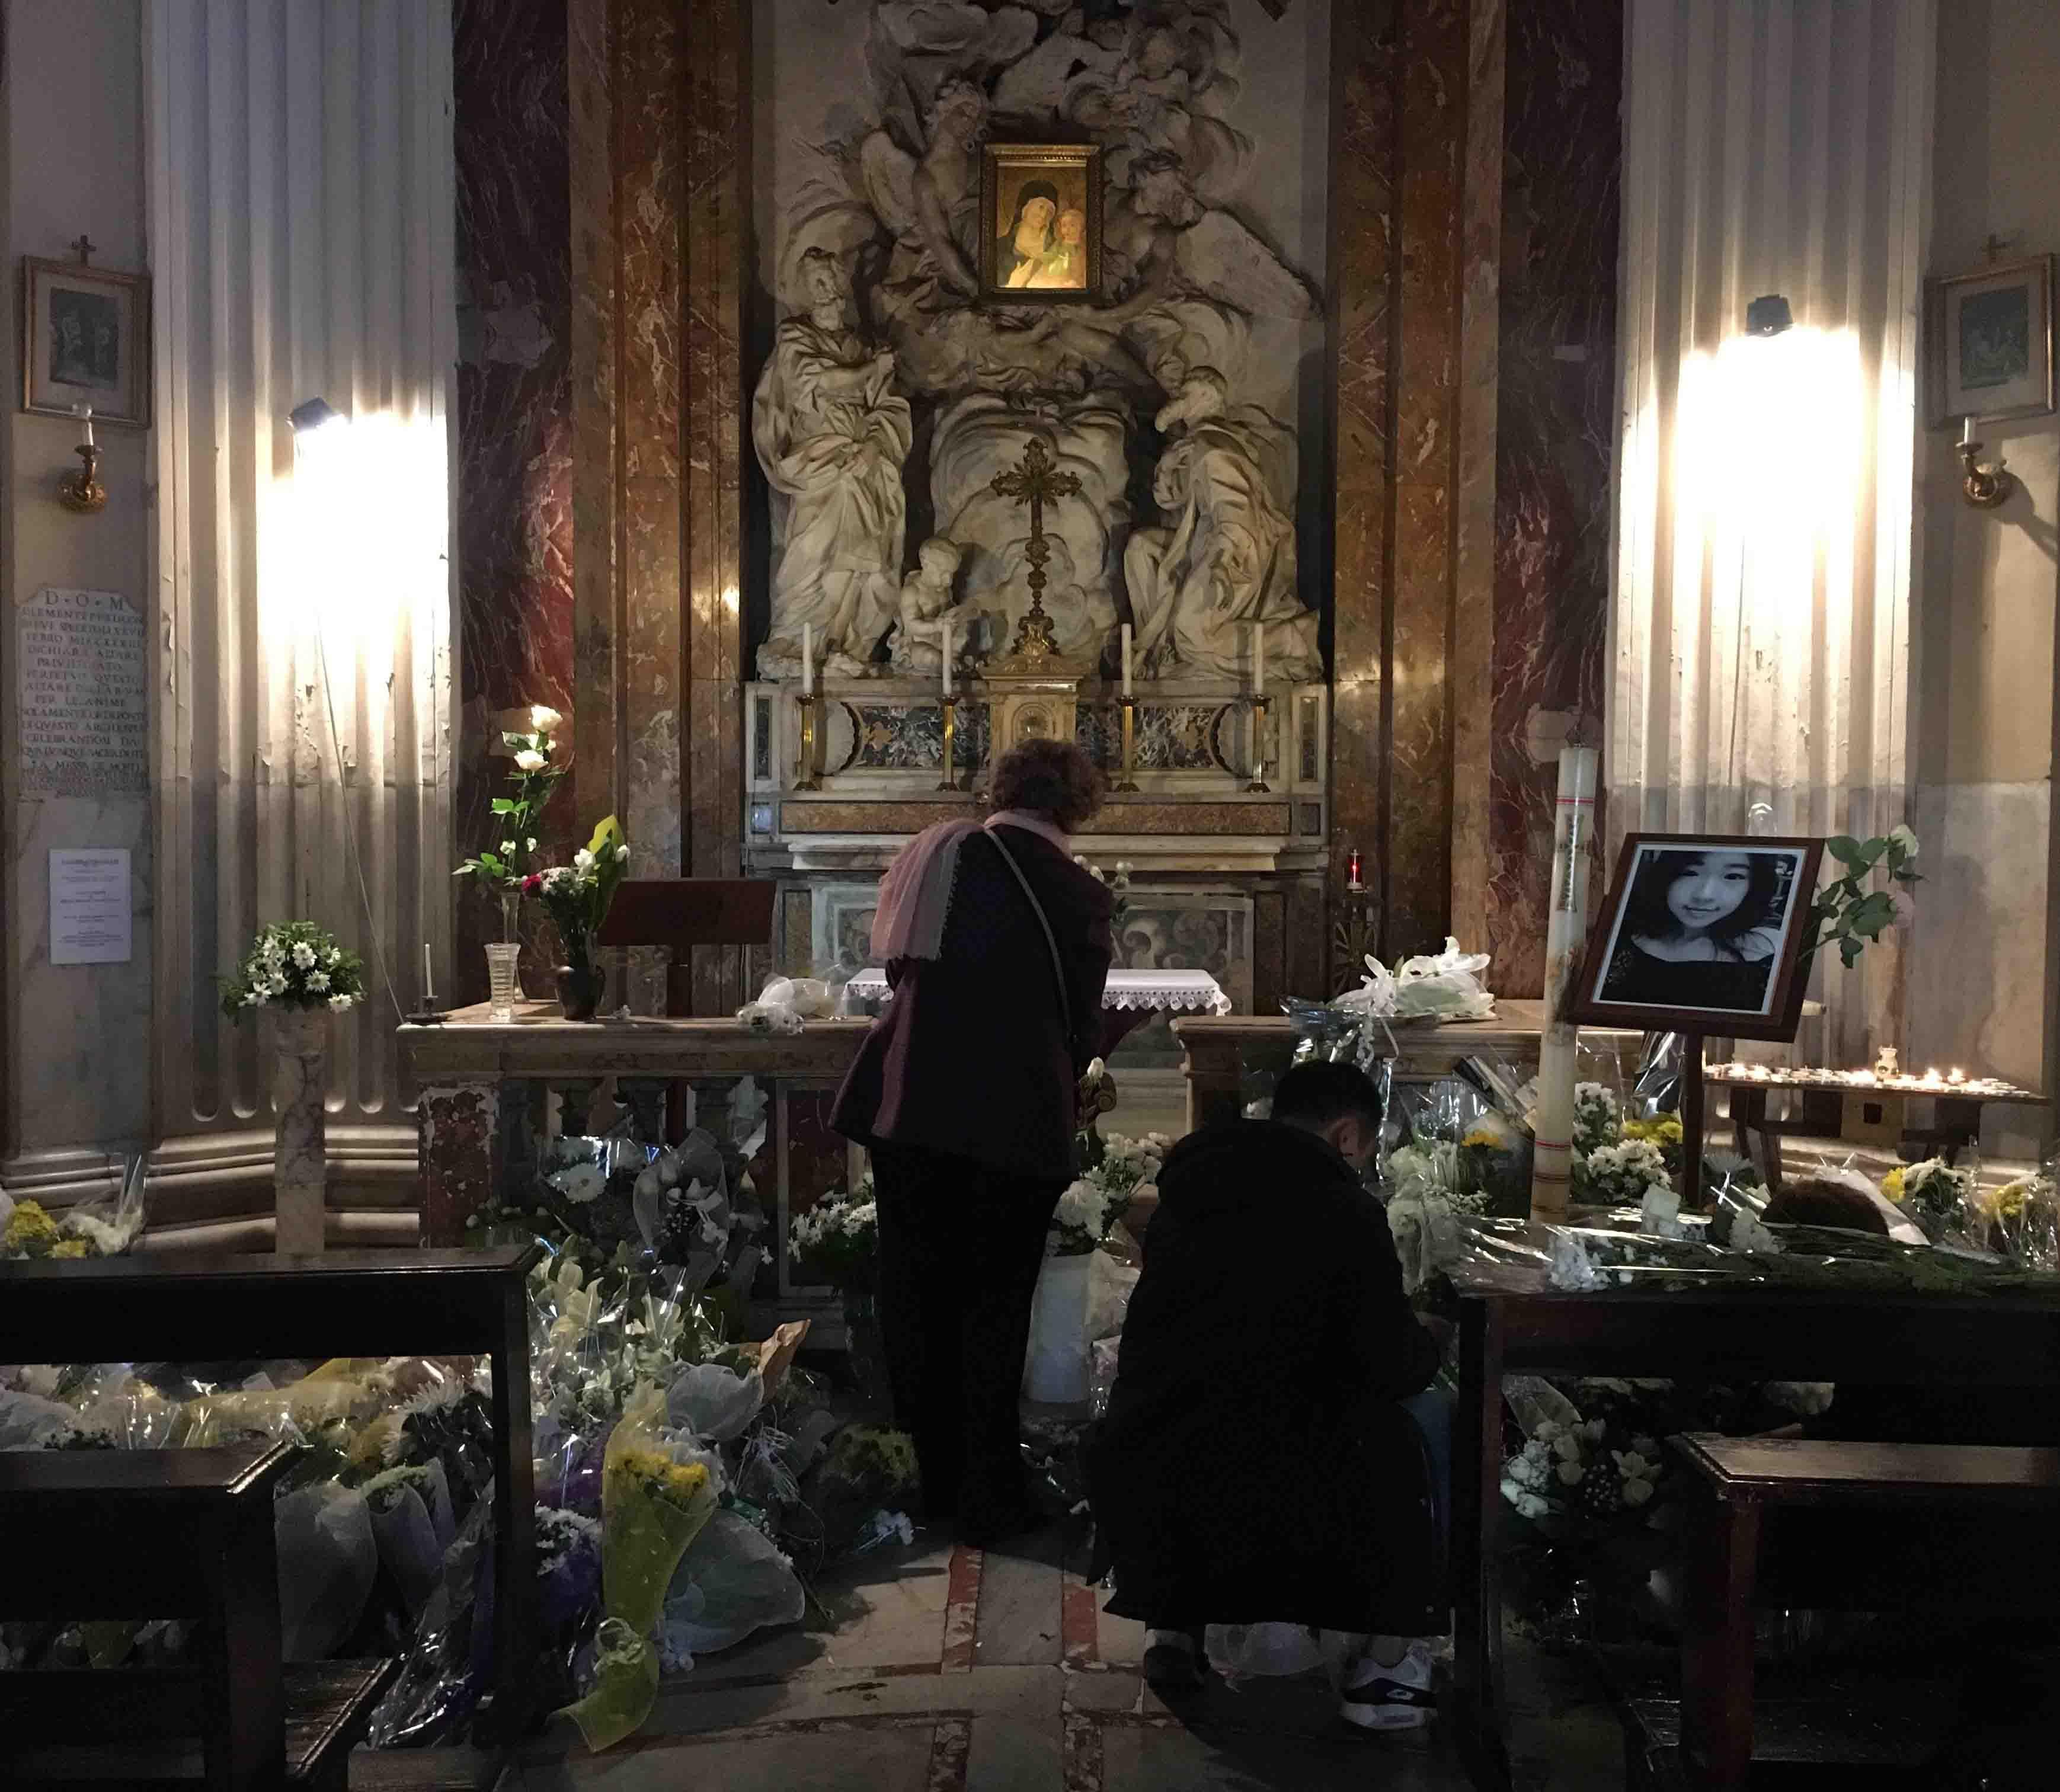 中国 罗马/纯白的鲜花堆满教堂,学校寂静无声,沉默、久久的沉默,悲痛与...